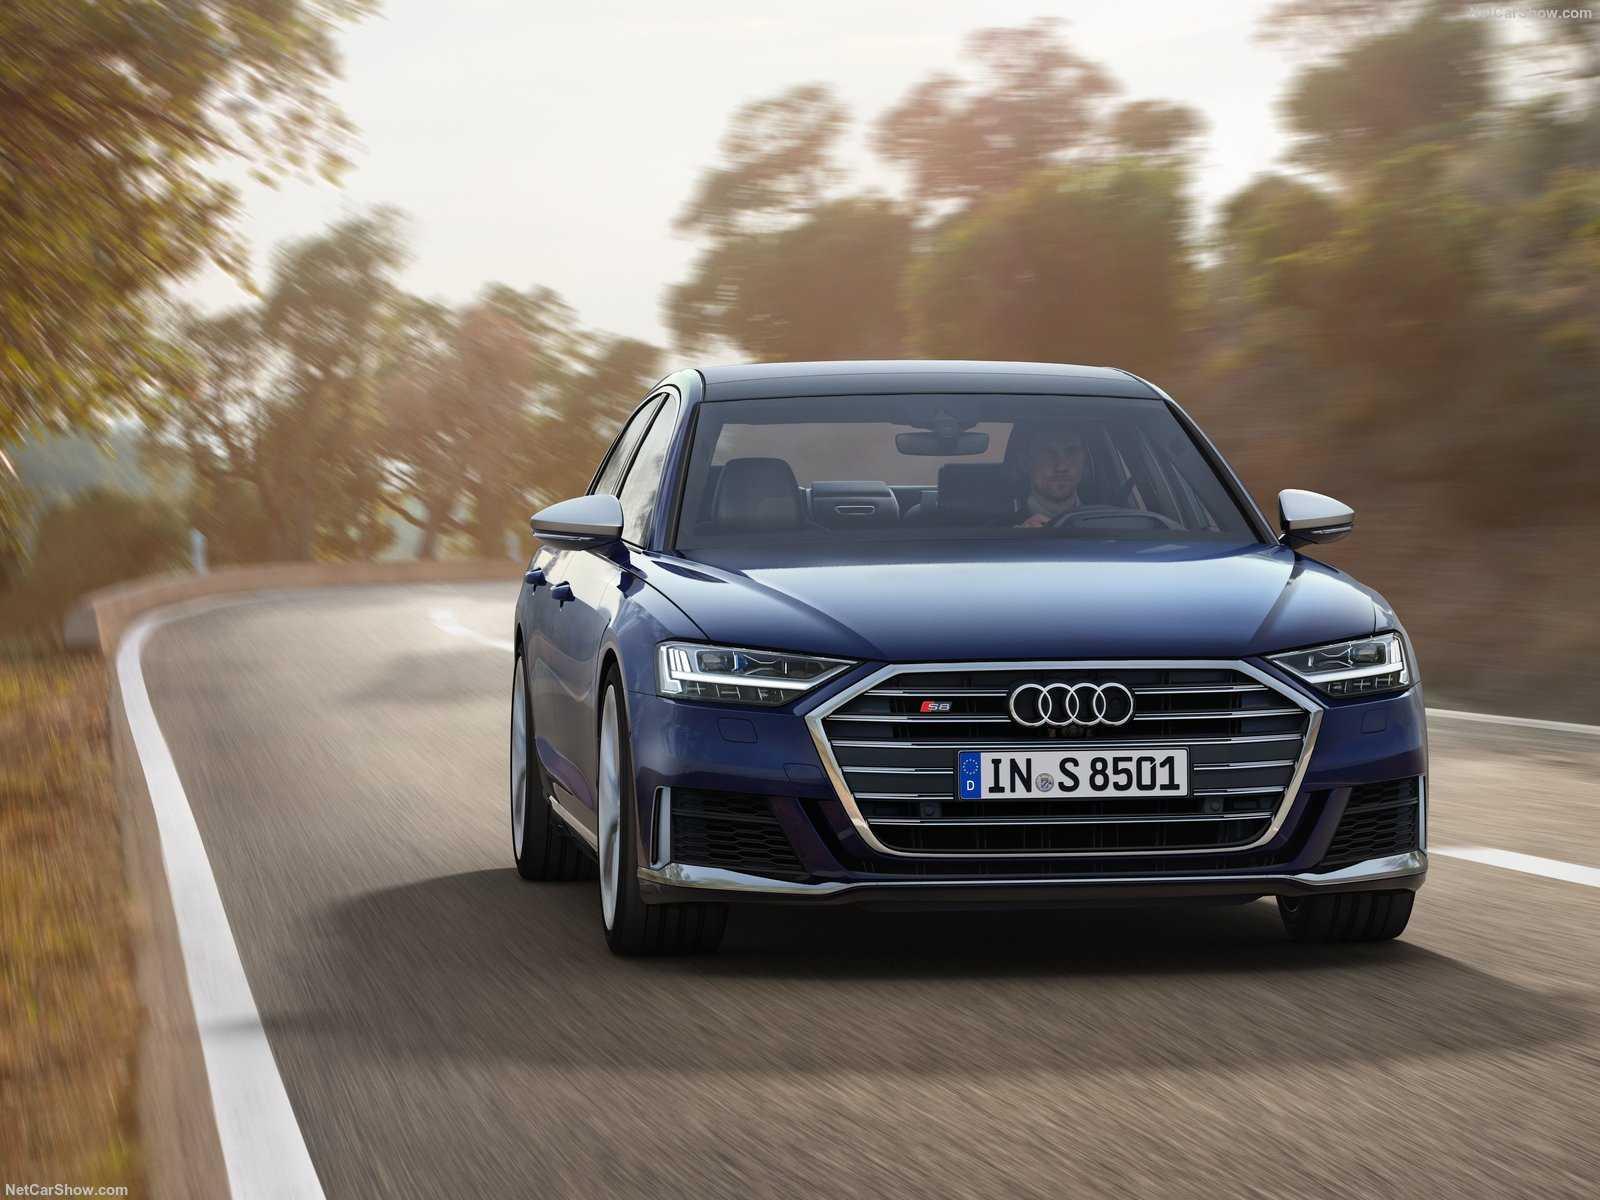 Немецкий Audi представил новое поколение заряженной версии своего флагманского седана восьмой модели S8